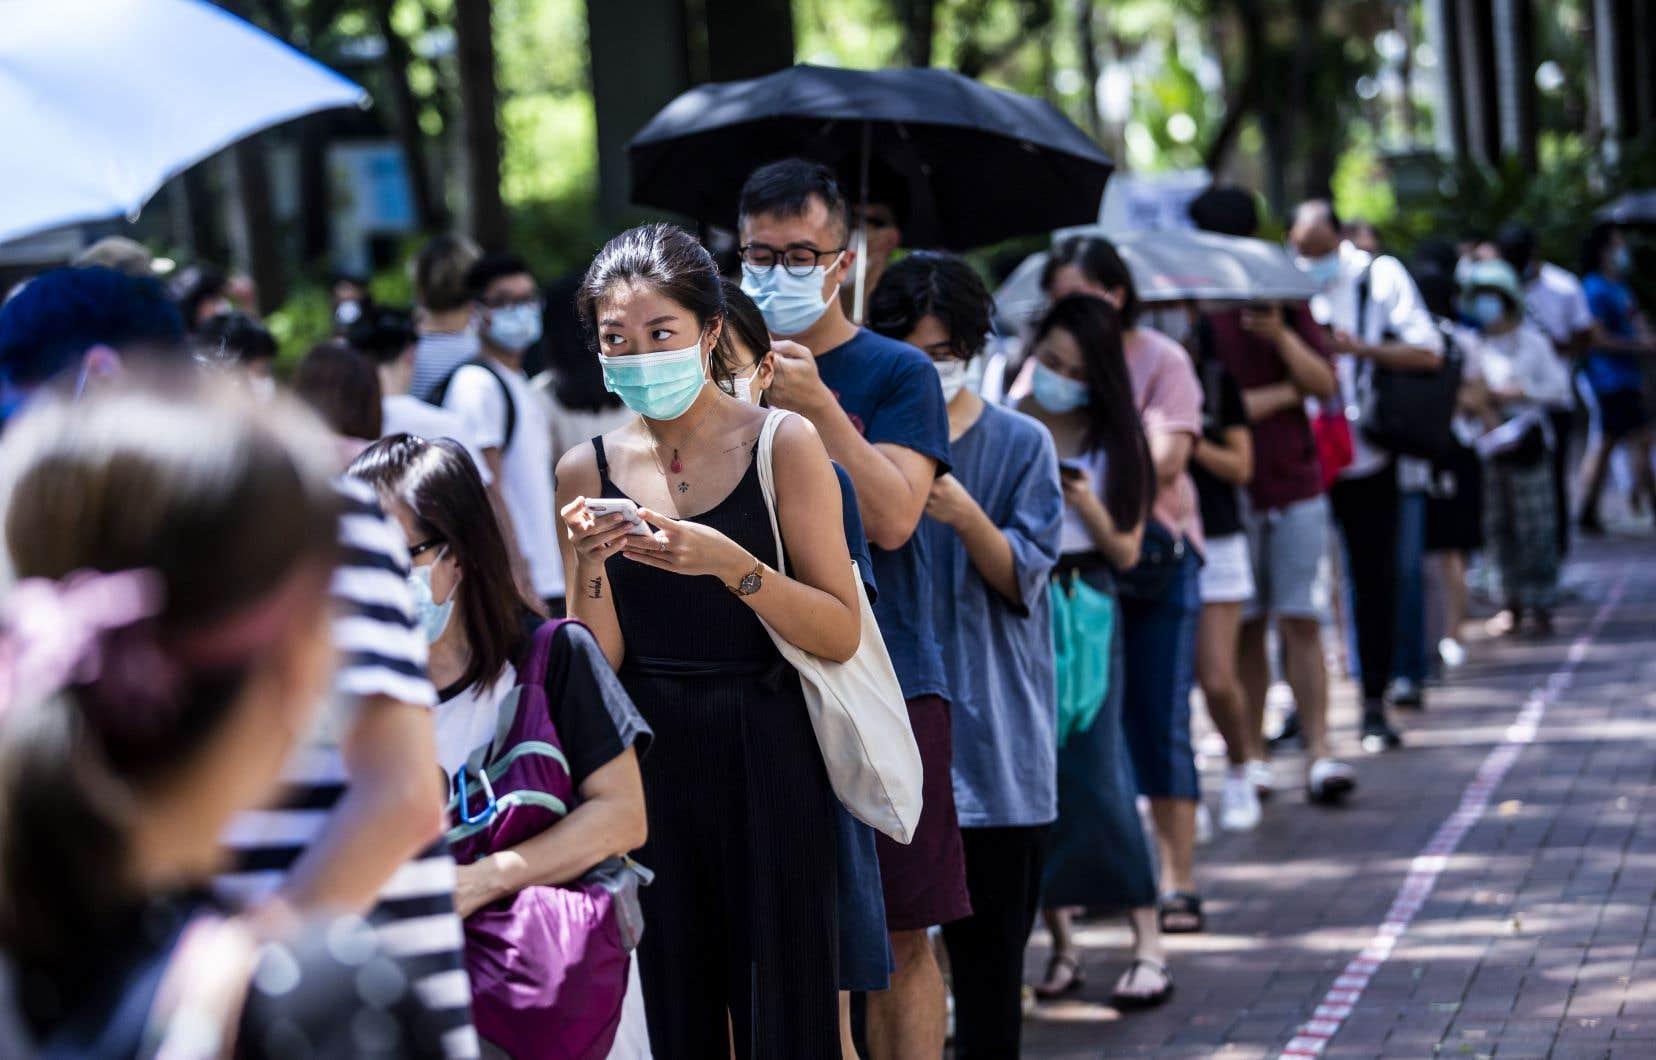 En dépit de la menace policière et sanitaire, et de la chaleur, les files d'attente se sont étirées samedi et dimanche devant les bureaux de vote informels.